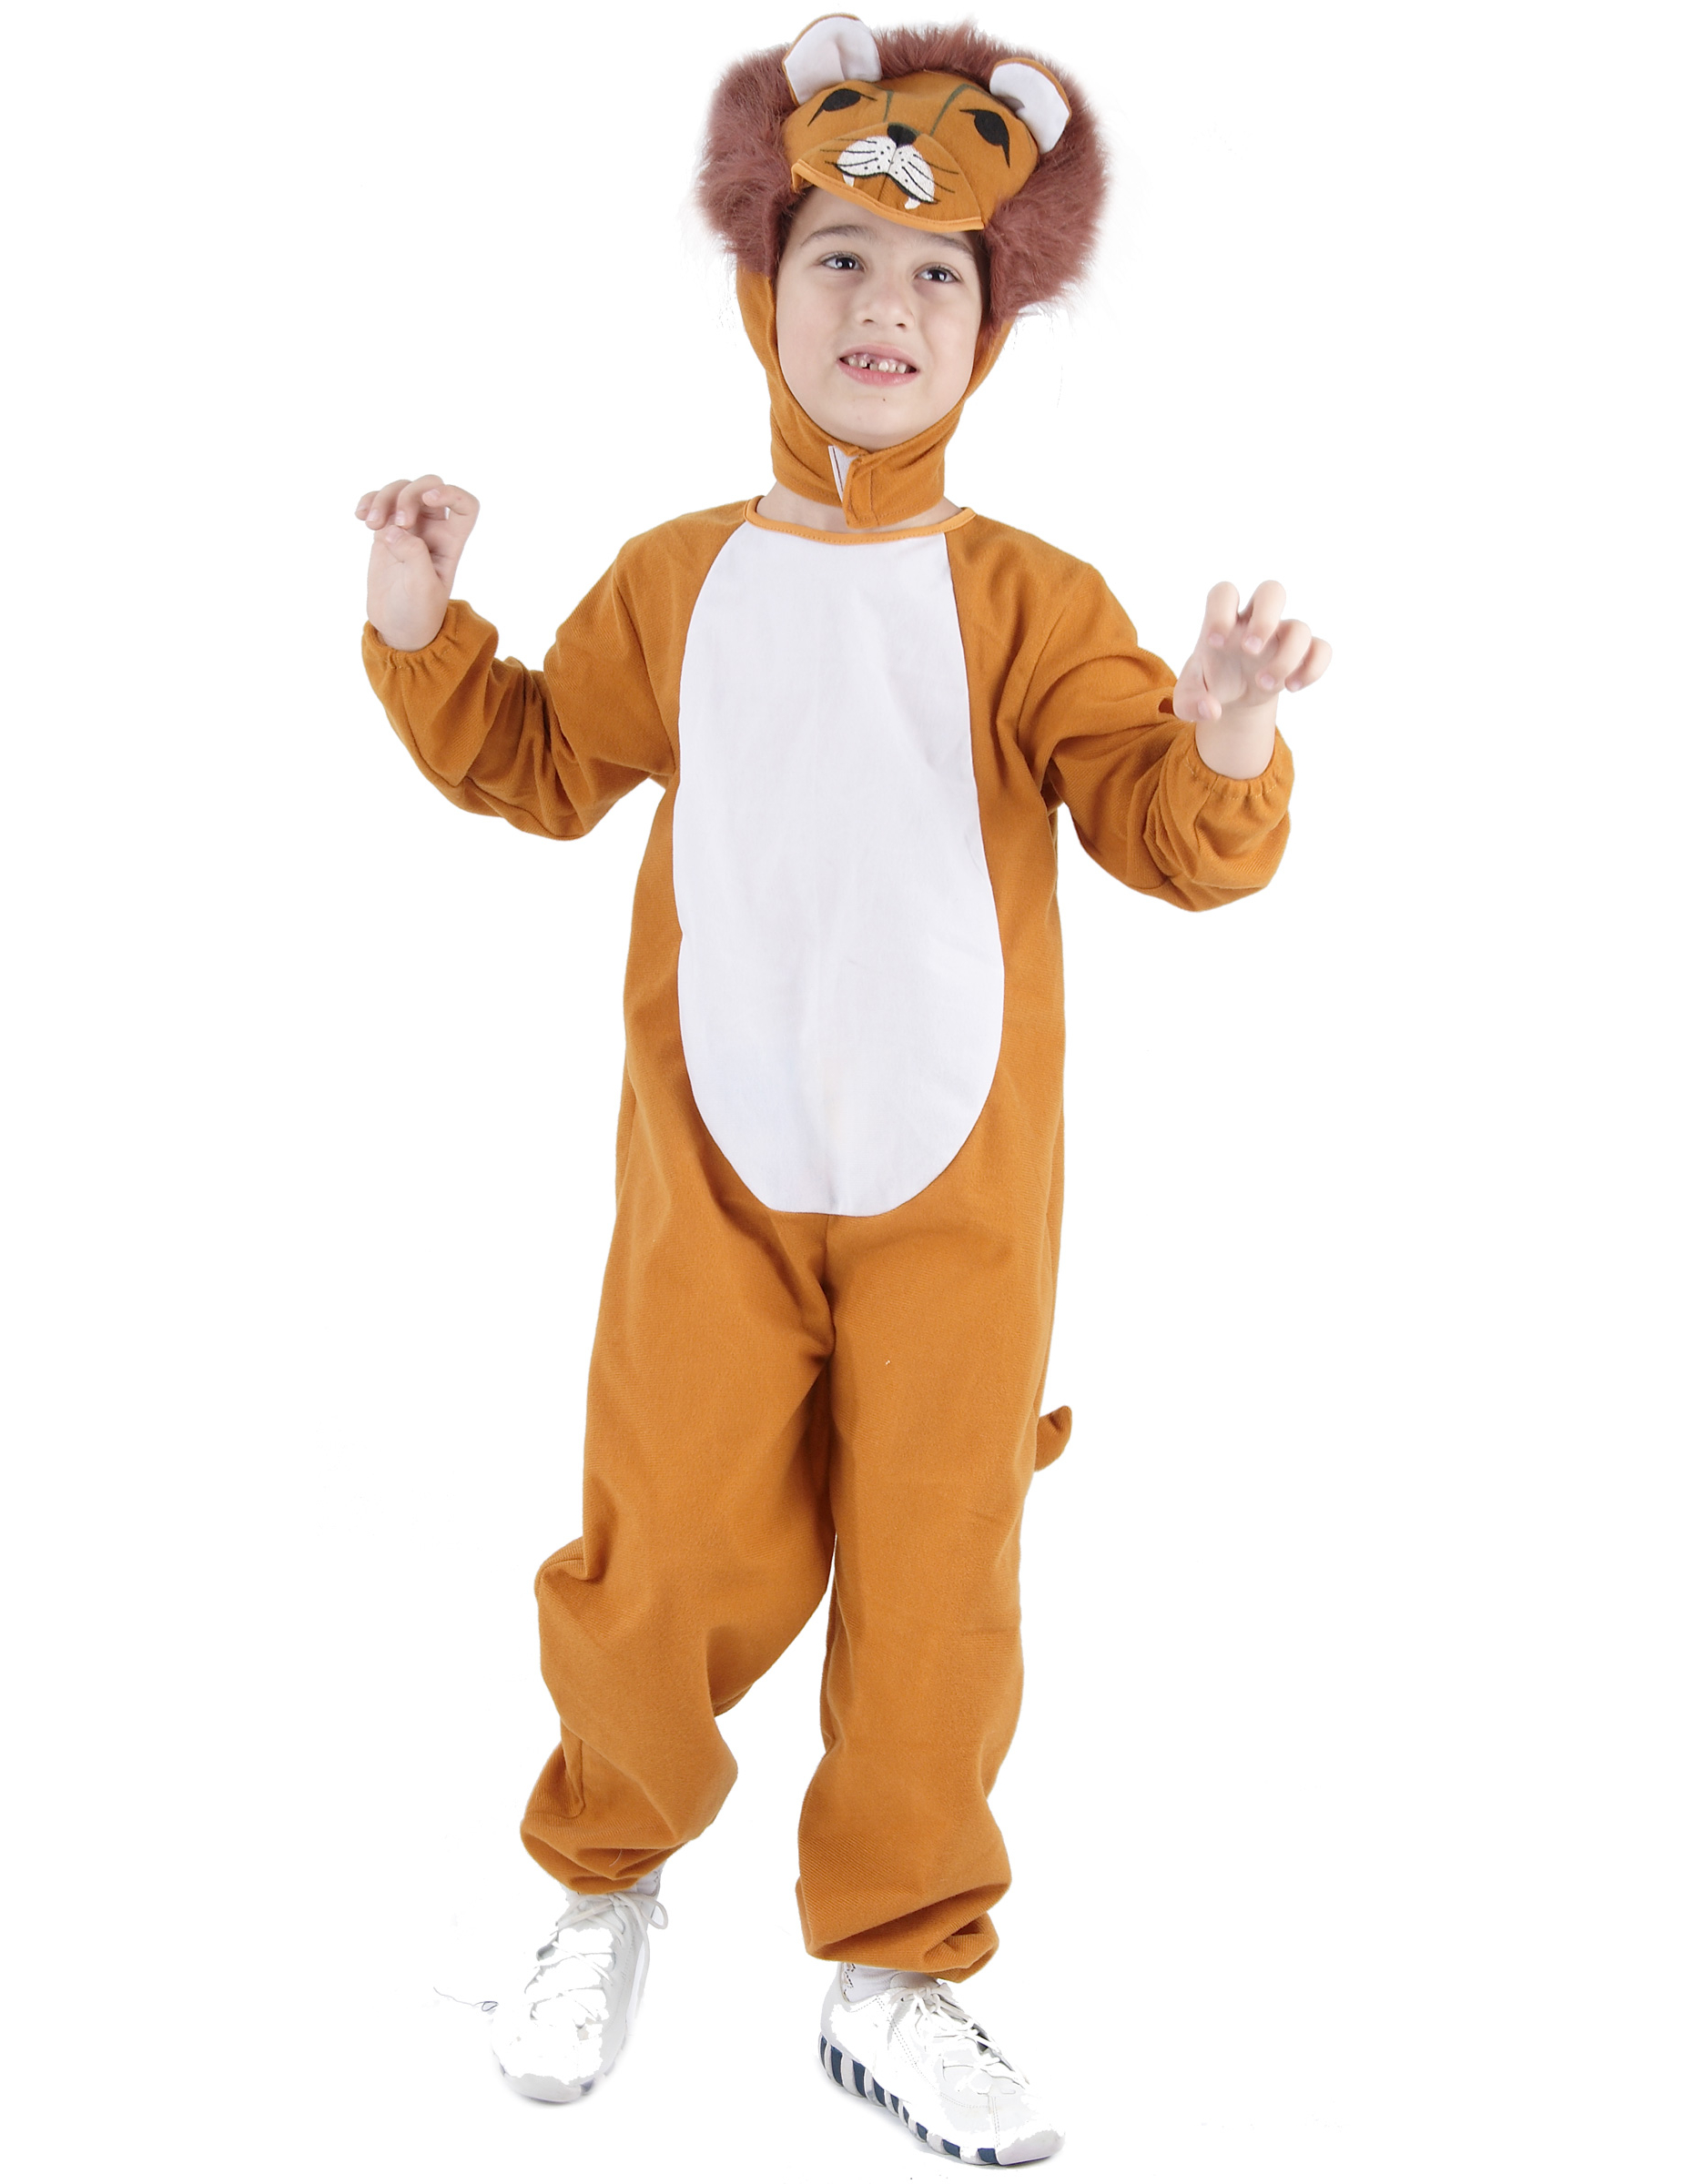 Costumi animali della giungla per bambini - Vegaoo.it 44b2c0fa563